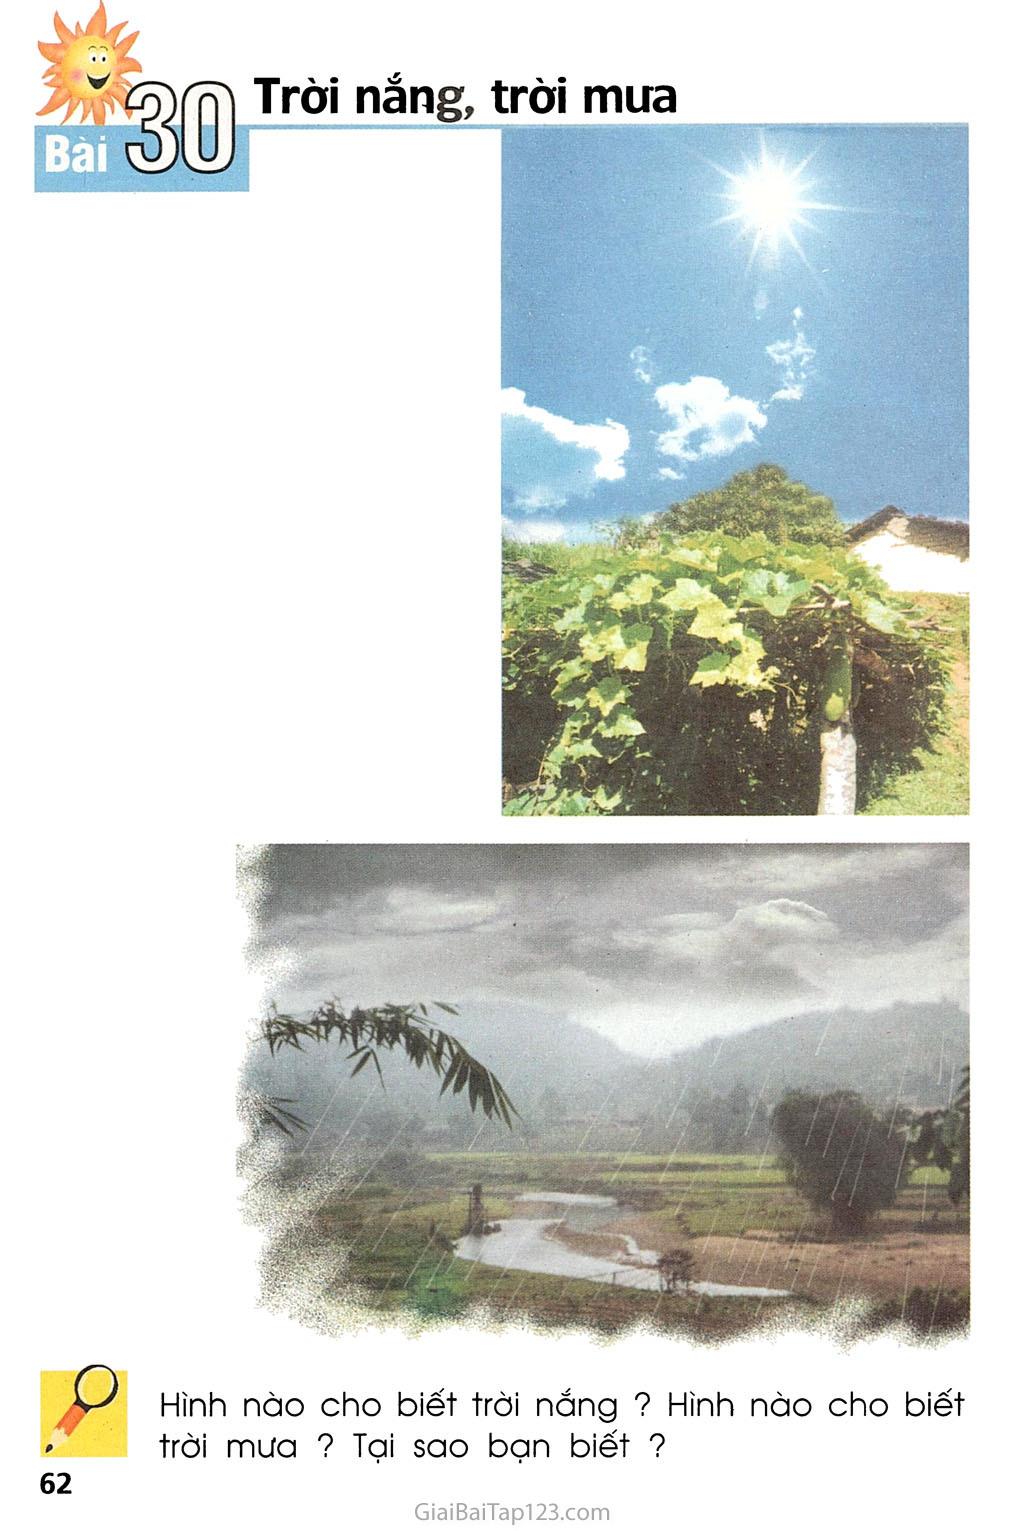 Bài 30. Trời nắng, trời mưa trang 1